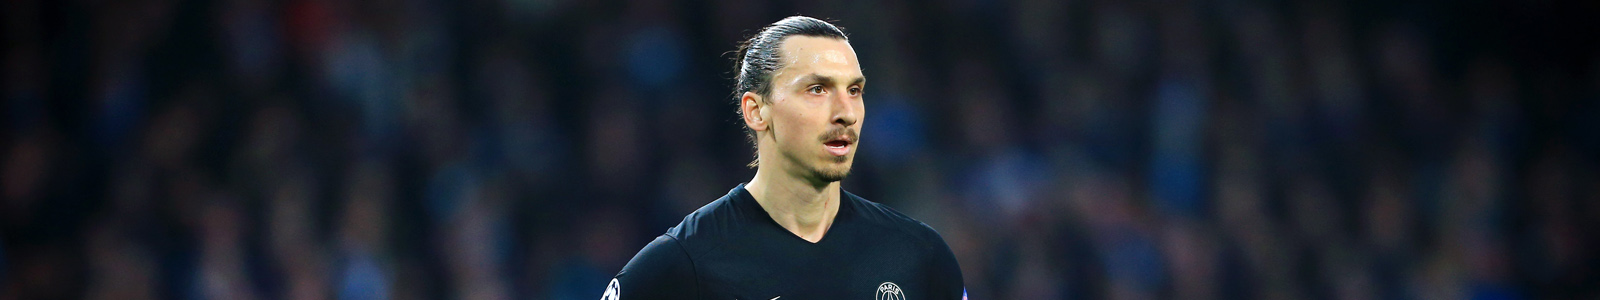 Zlatan Ibrahimovic PSG 2016